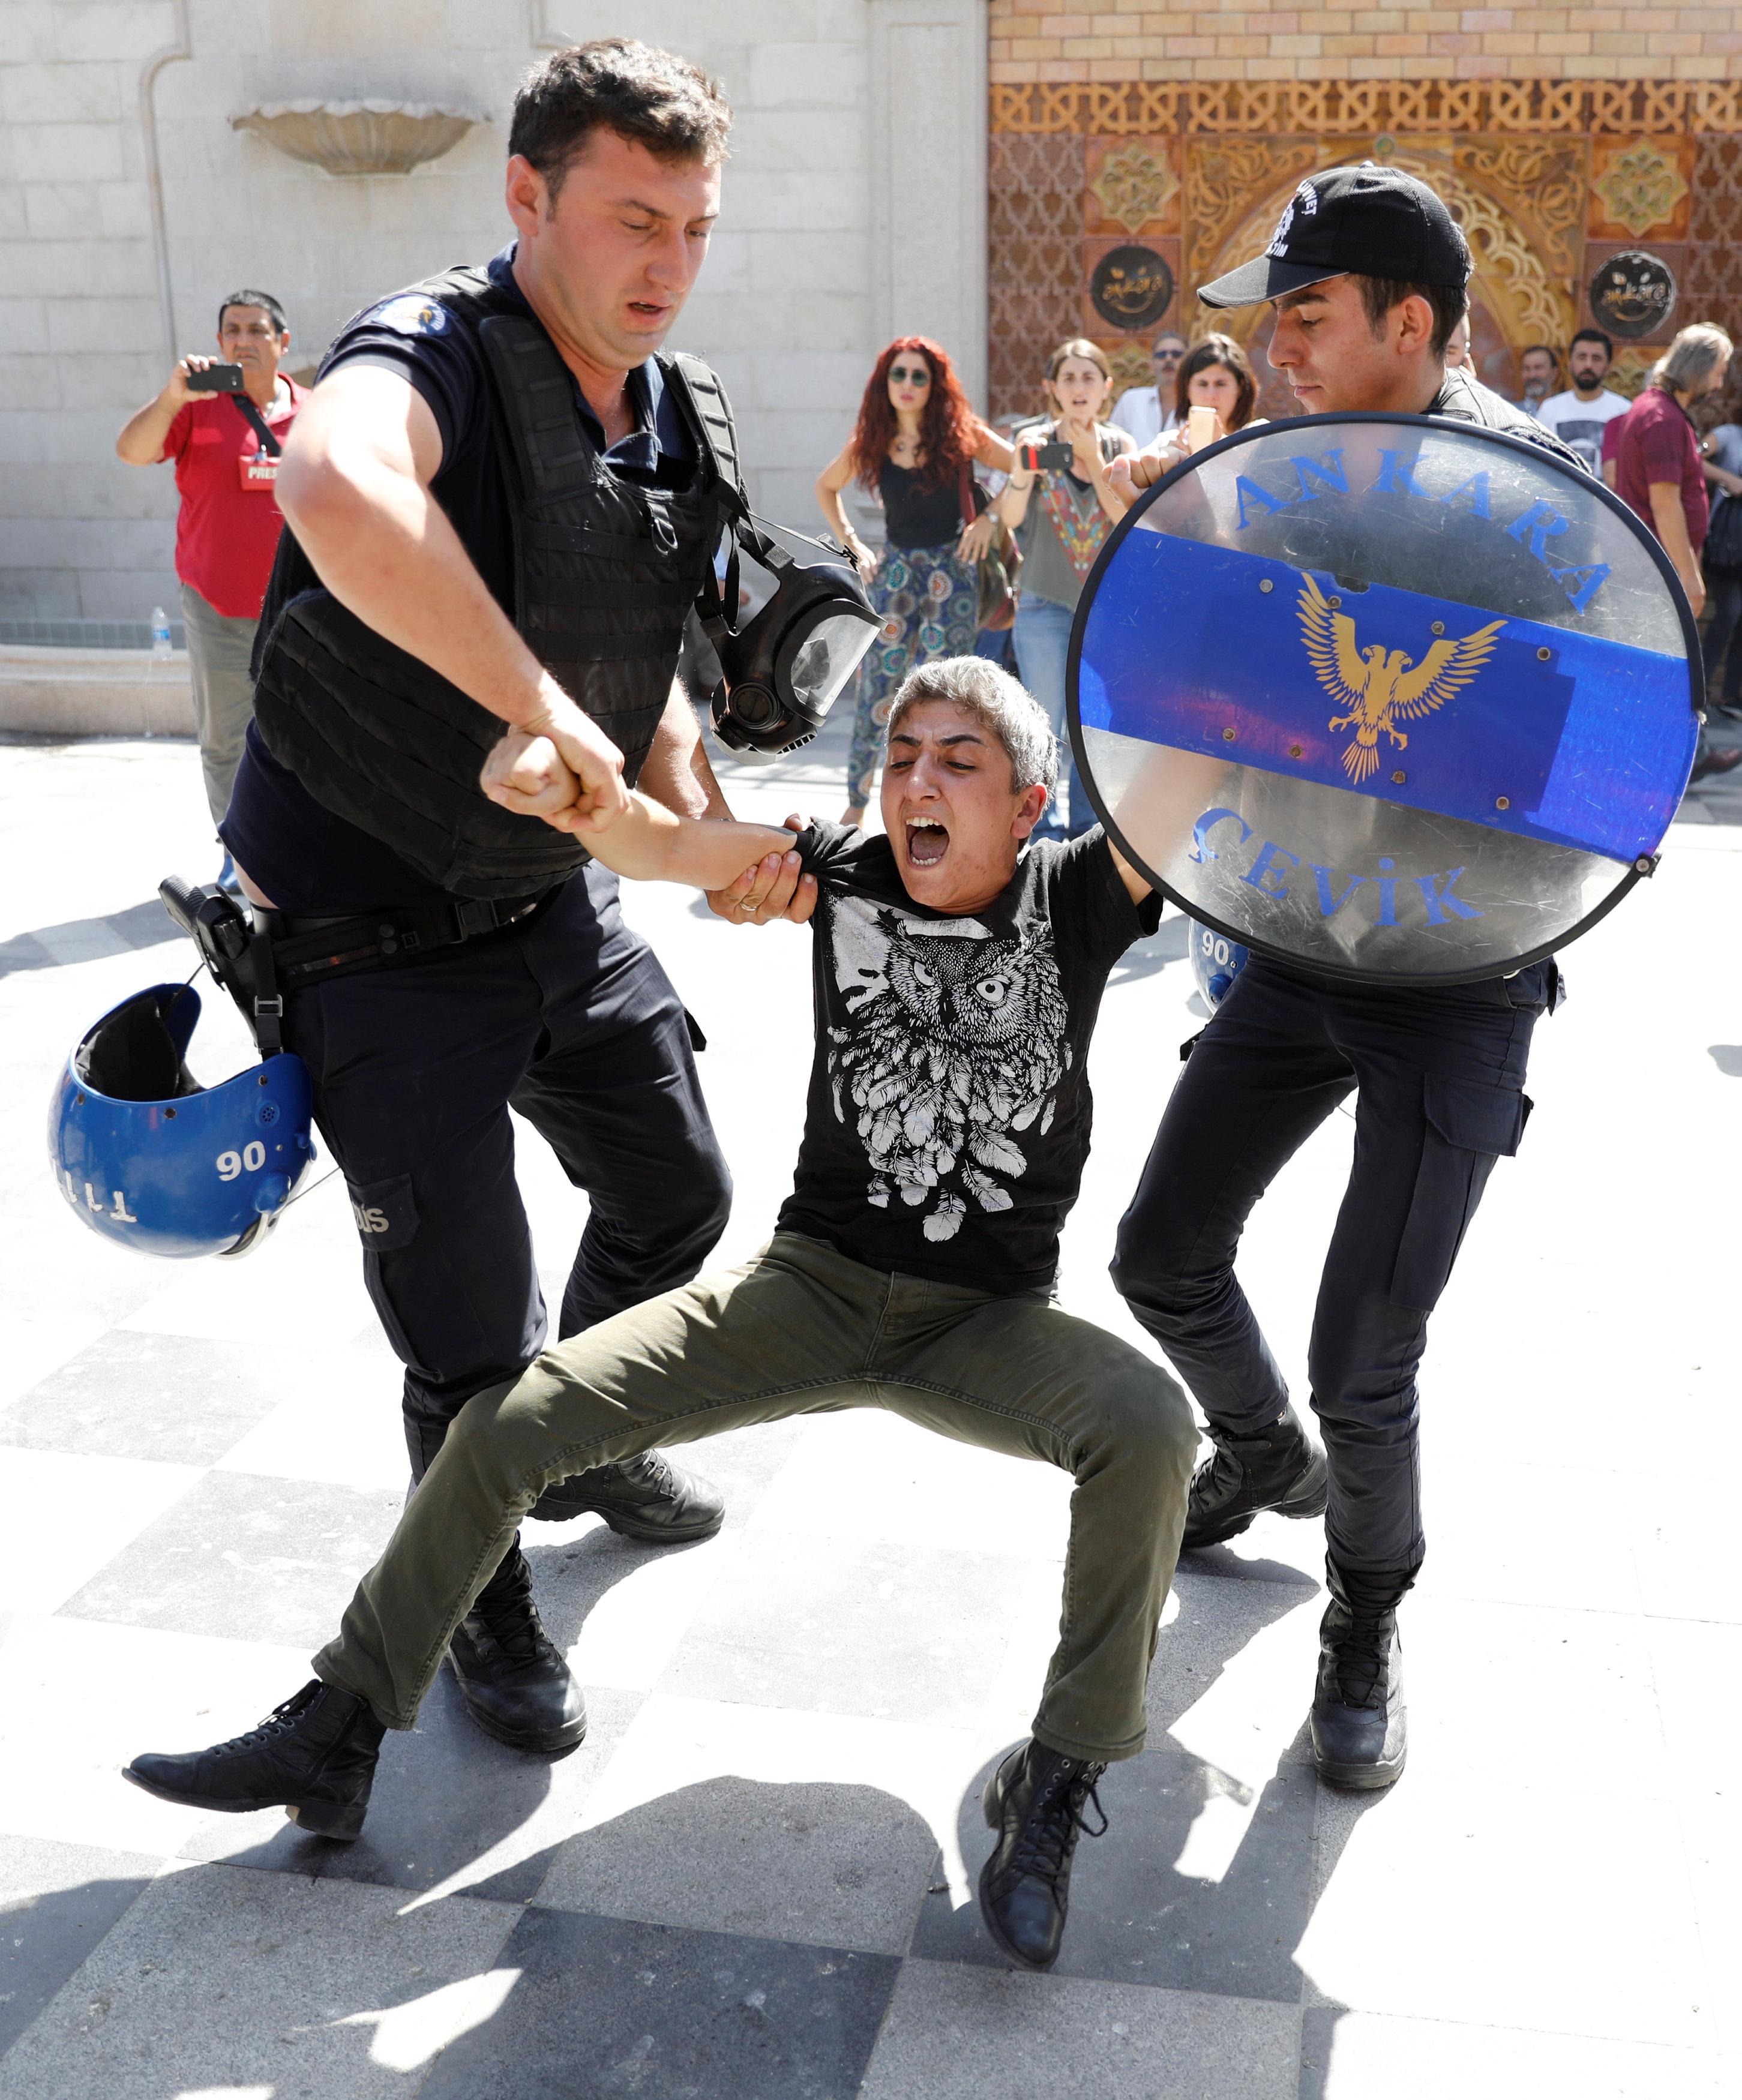 القبض على أحد المشاركين فى المظاهرة